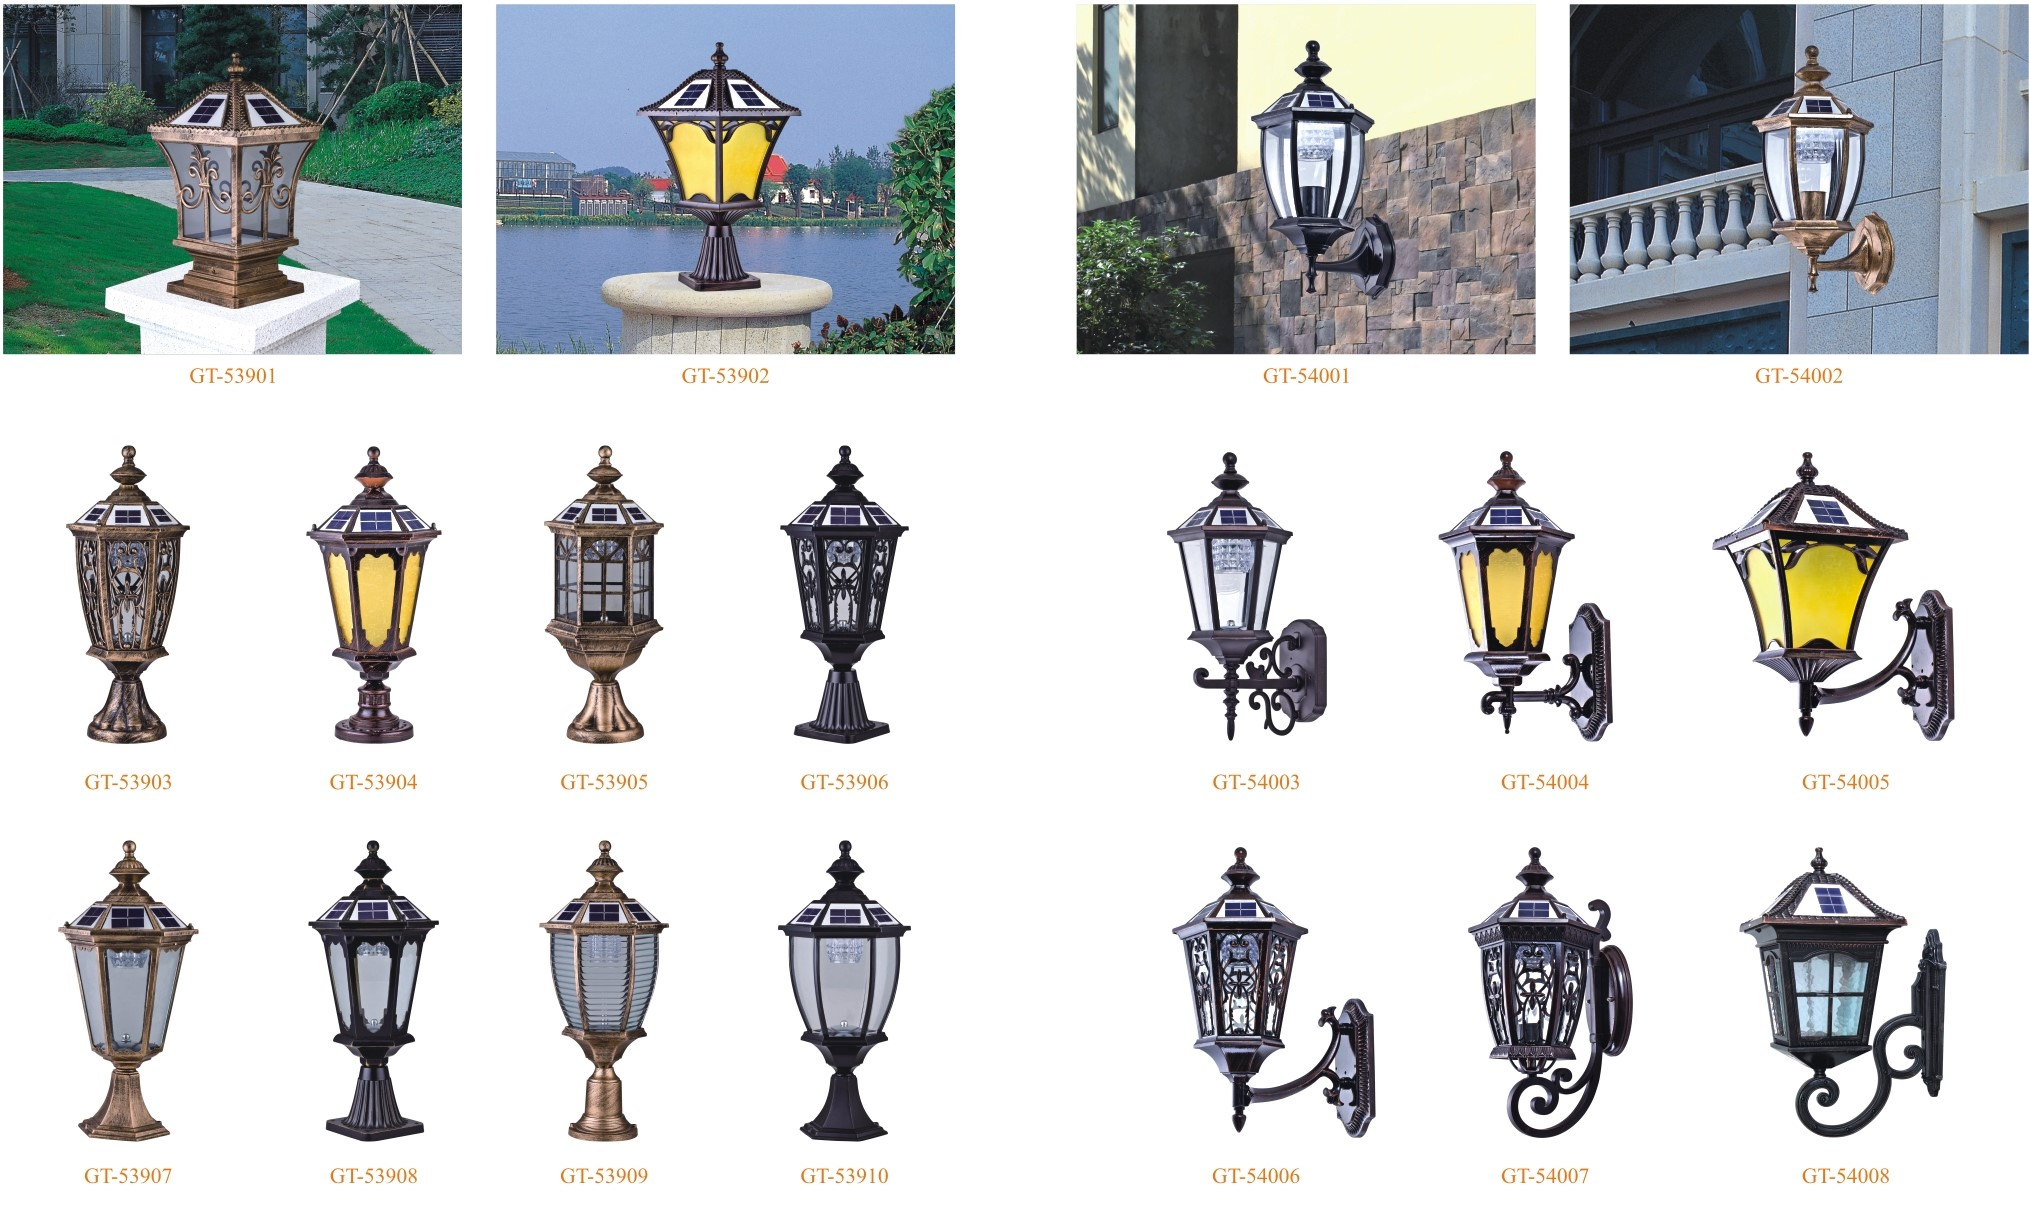 柱头灯系列-539-540